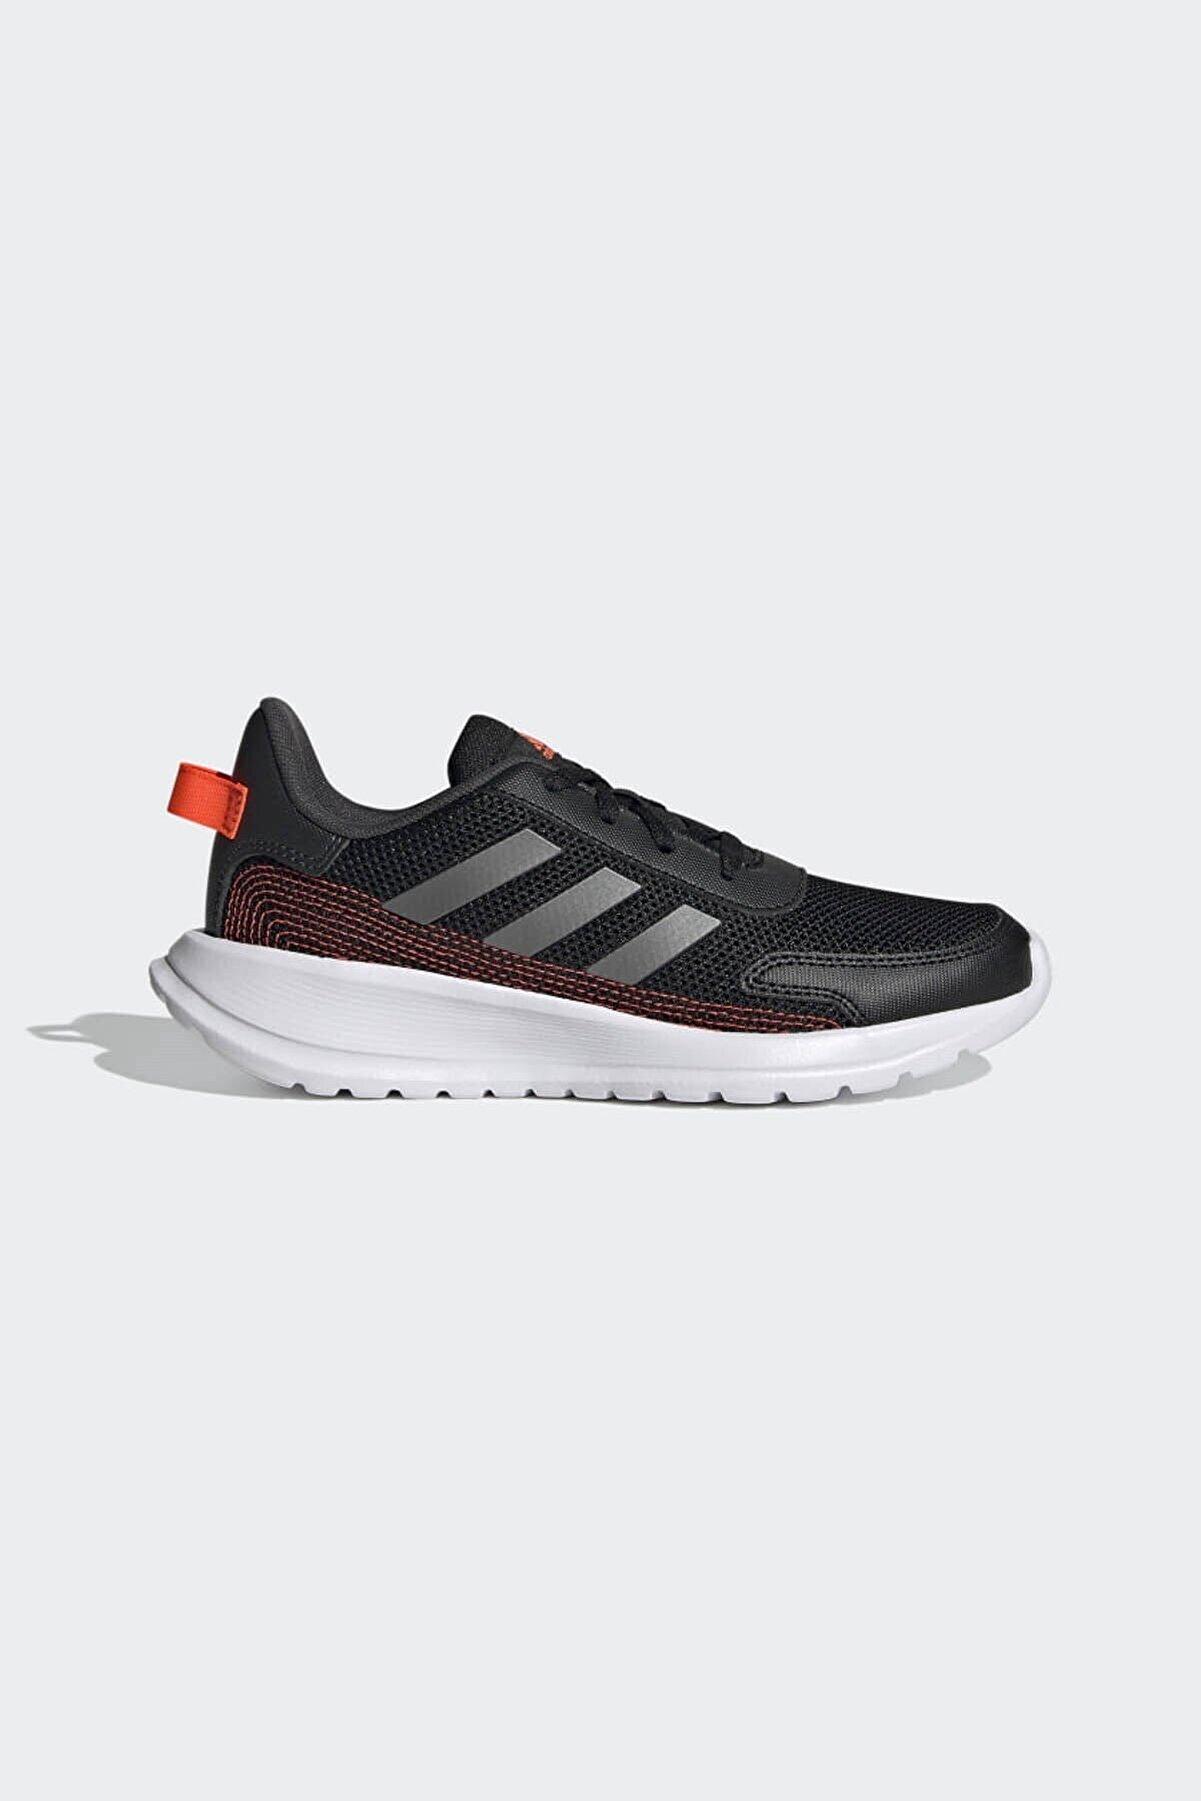 adidas Unisex Spor Ayakkabı Cblack/ıronmt Gz2665